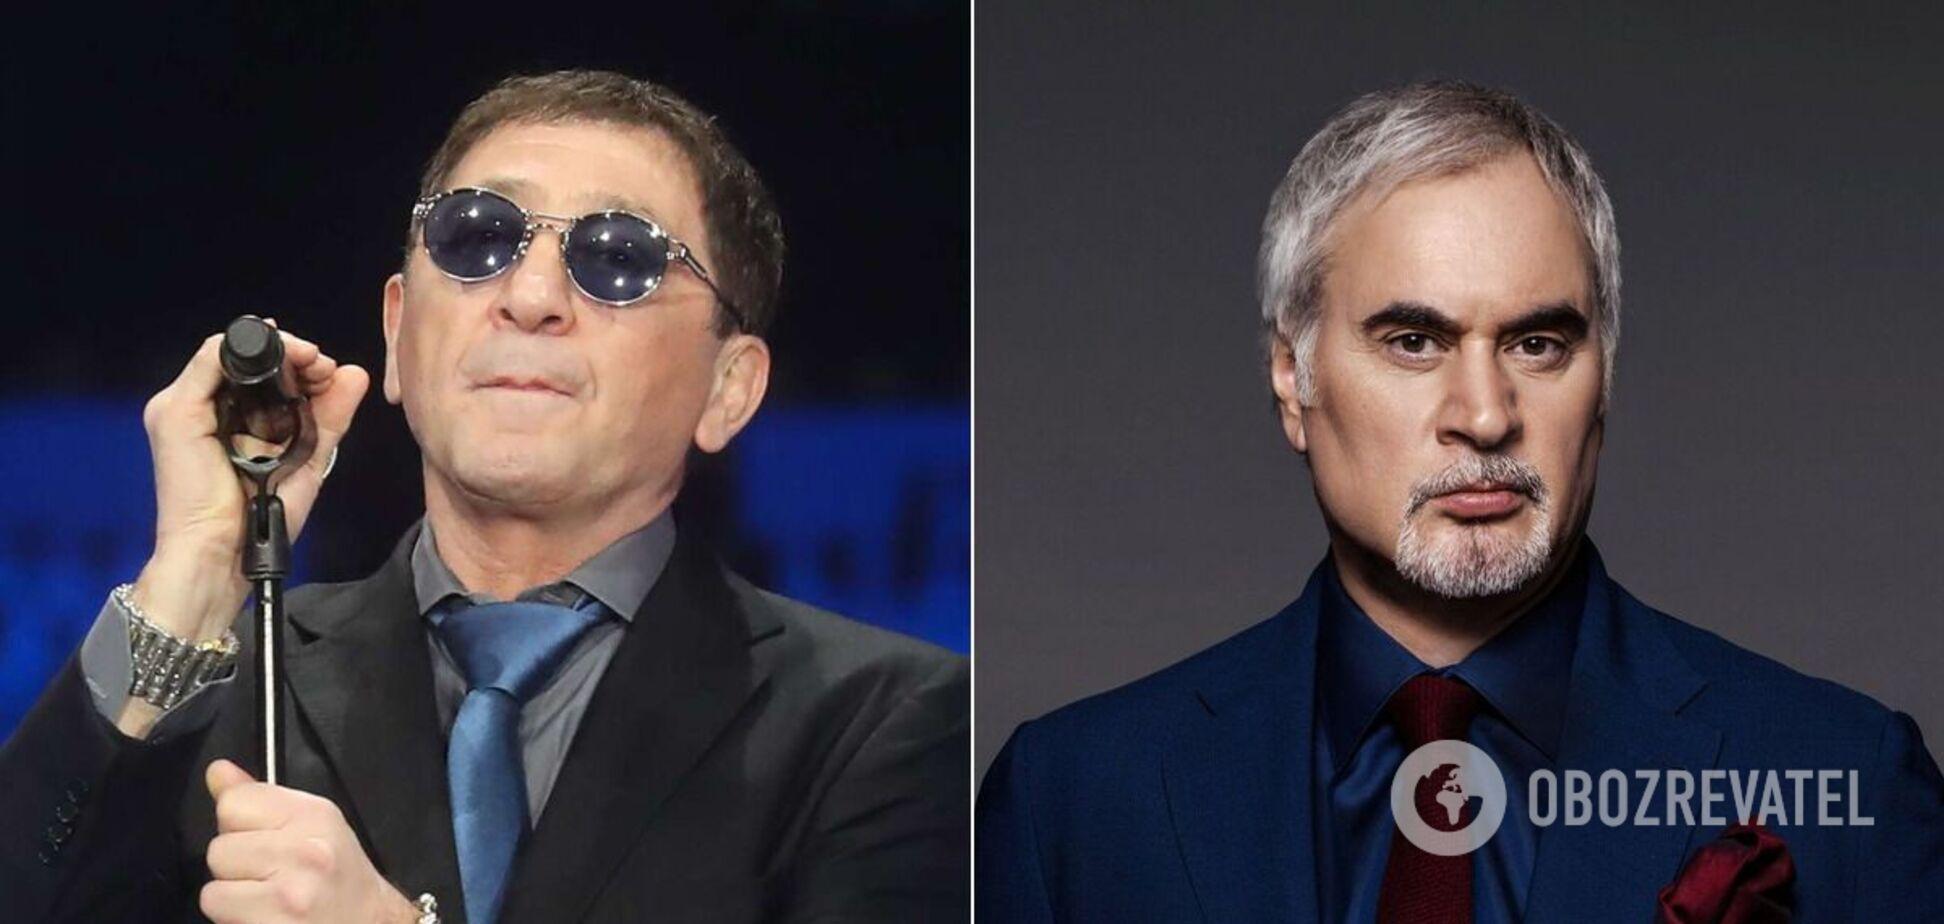 Фестиваль, где выступали Полякова и Киркоров, попал в скандал: Лепс и Меладзе 'кинули' организаторов